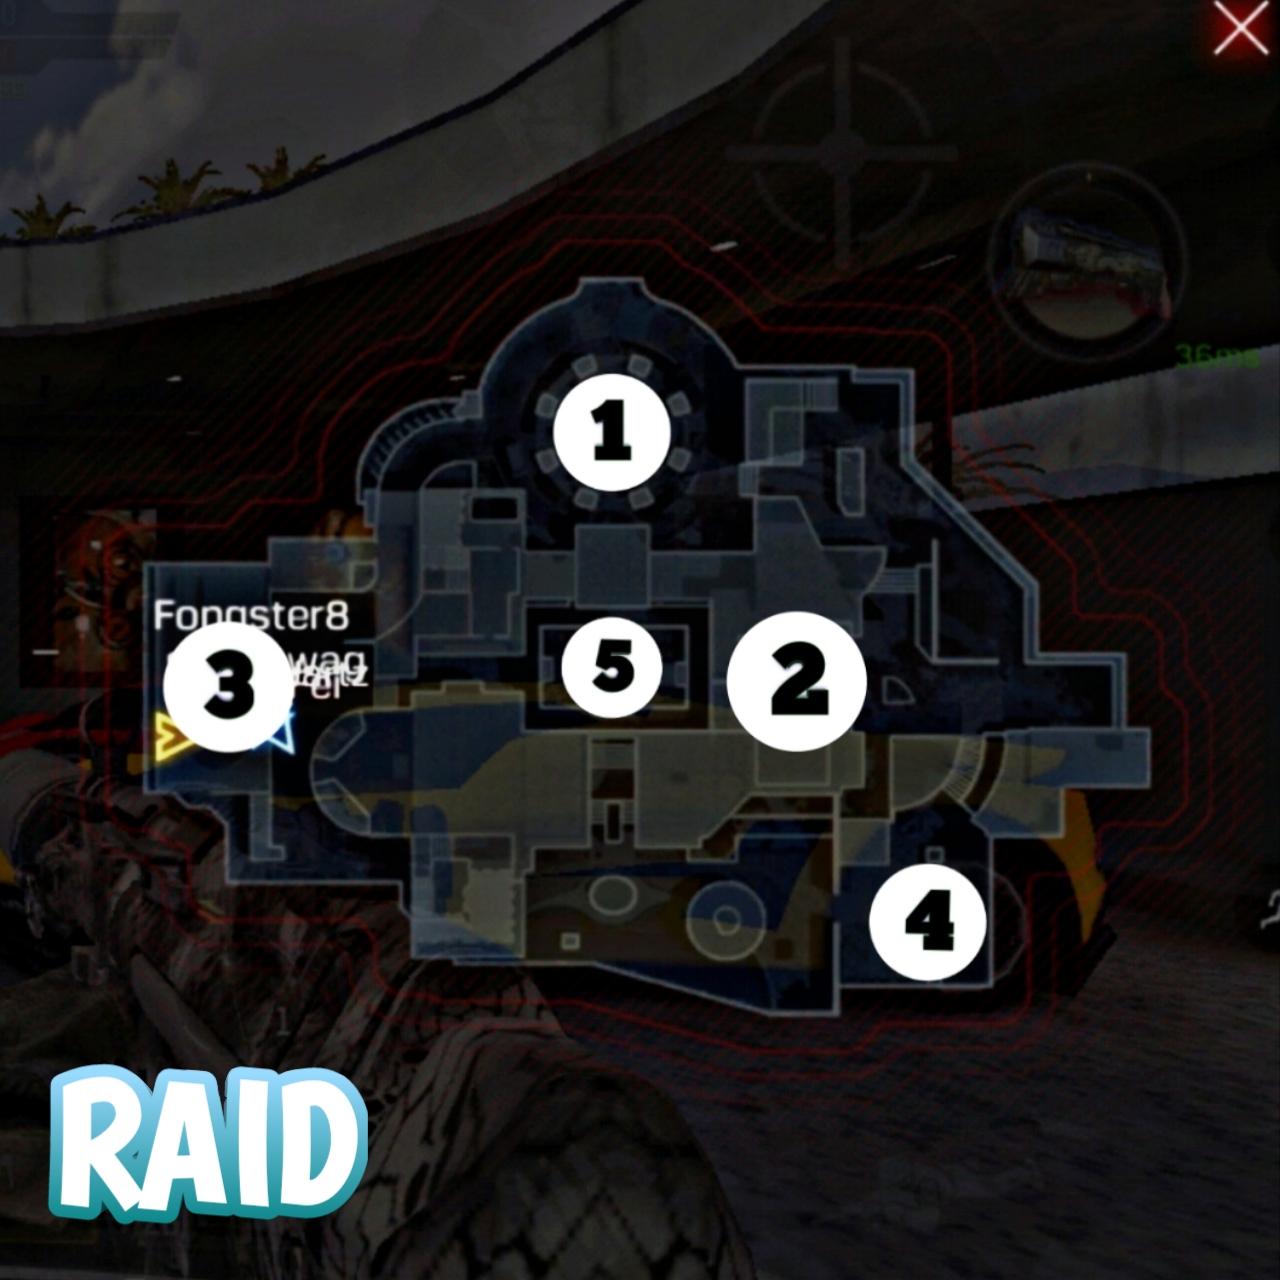 Raid Hardpoint location